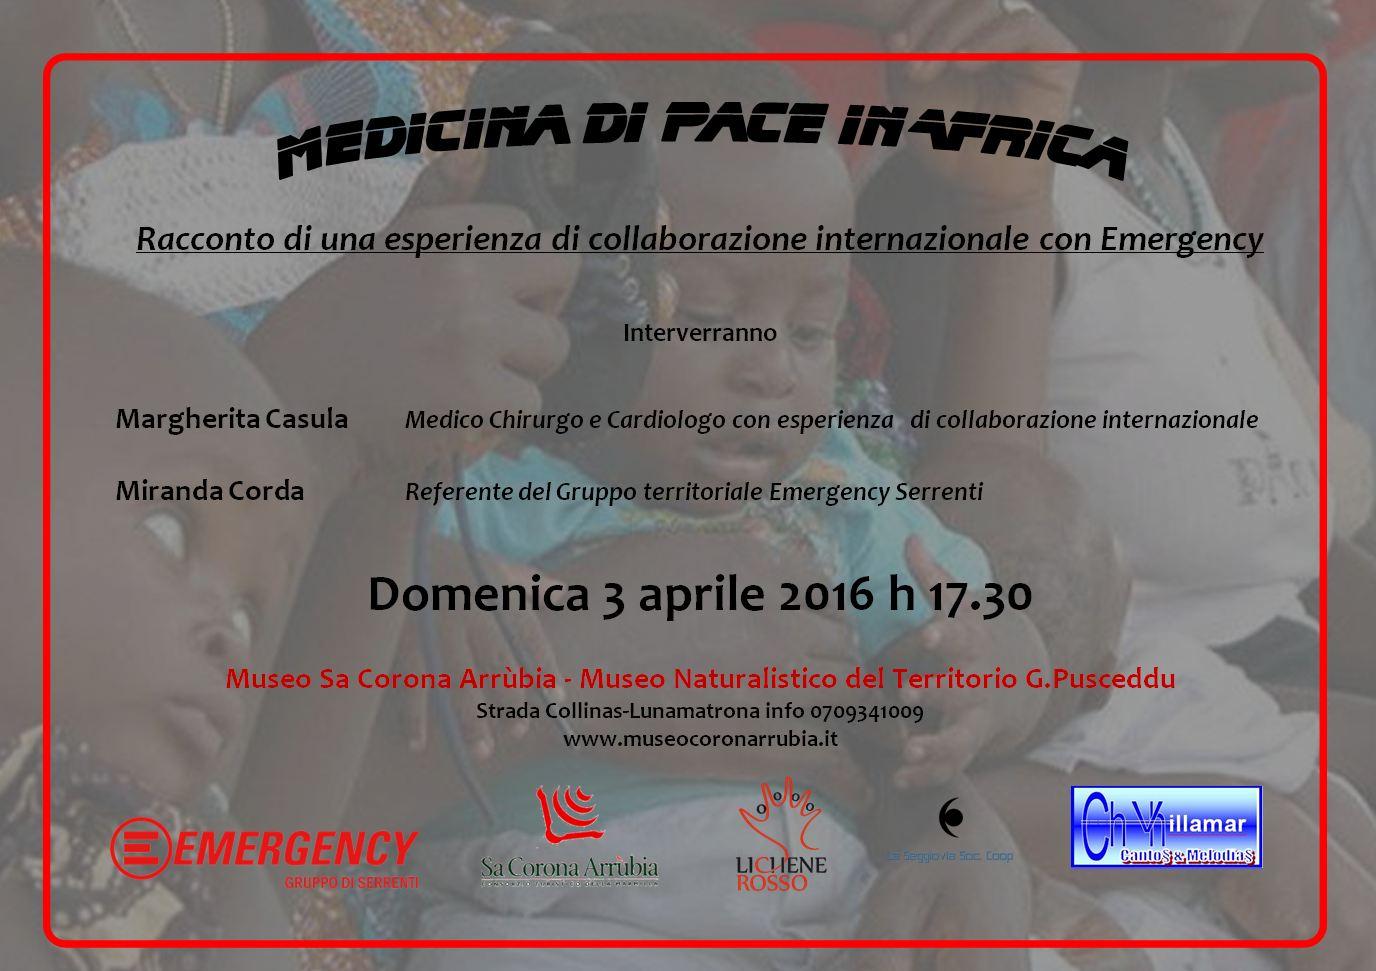 """""""Medicina di Pace in Africa"""" Racconto di una collaborazione con Emergency. Evento al Museo naturalistico del territorio """"G. Pusceddu"""" 3 aprile 2016."""